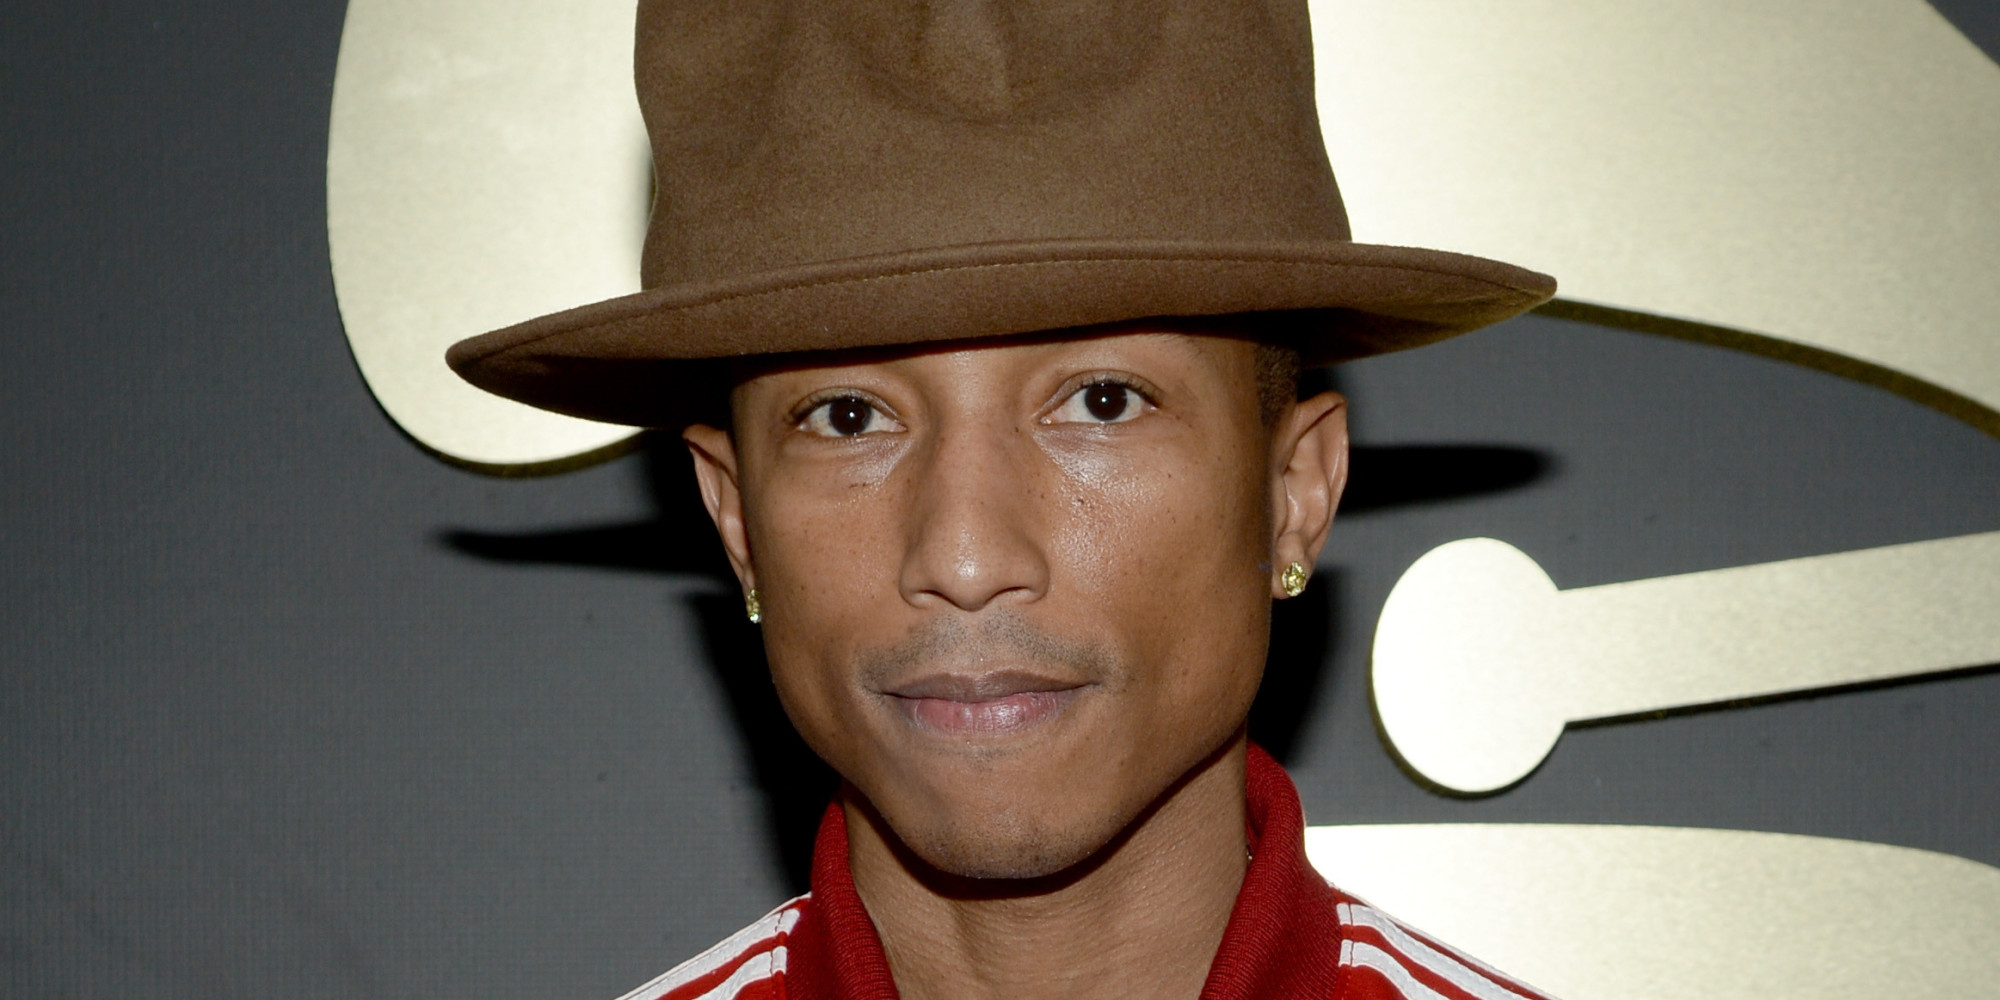 Pharrell Hat Trend Wear a Hat Like Pharrell